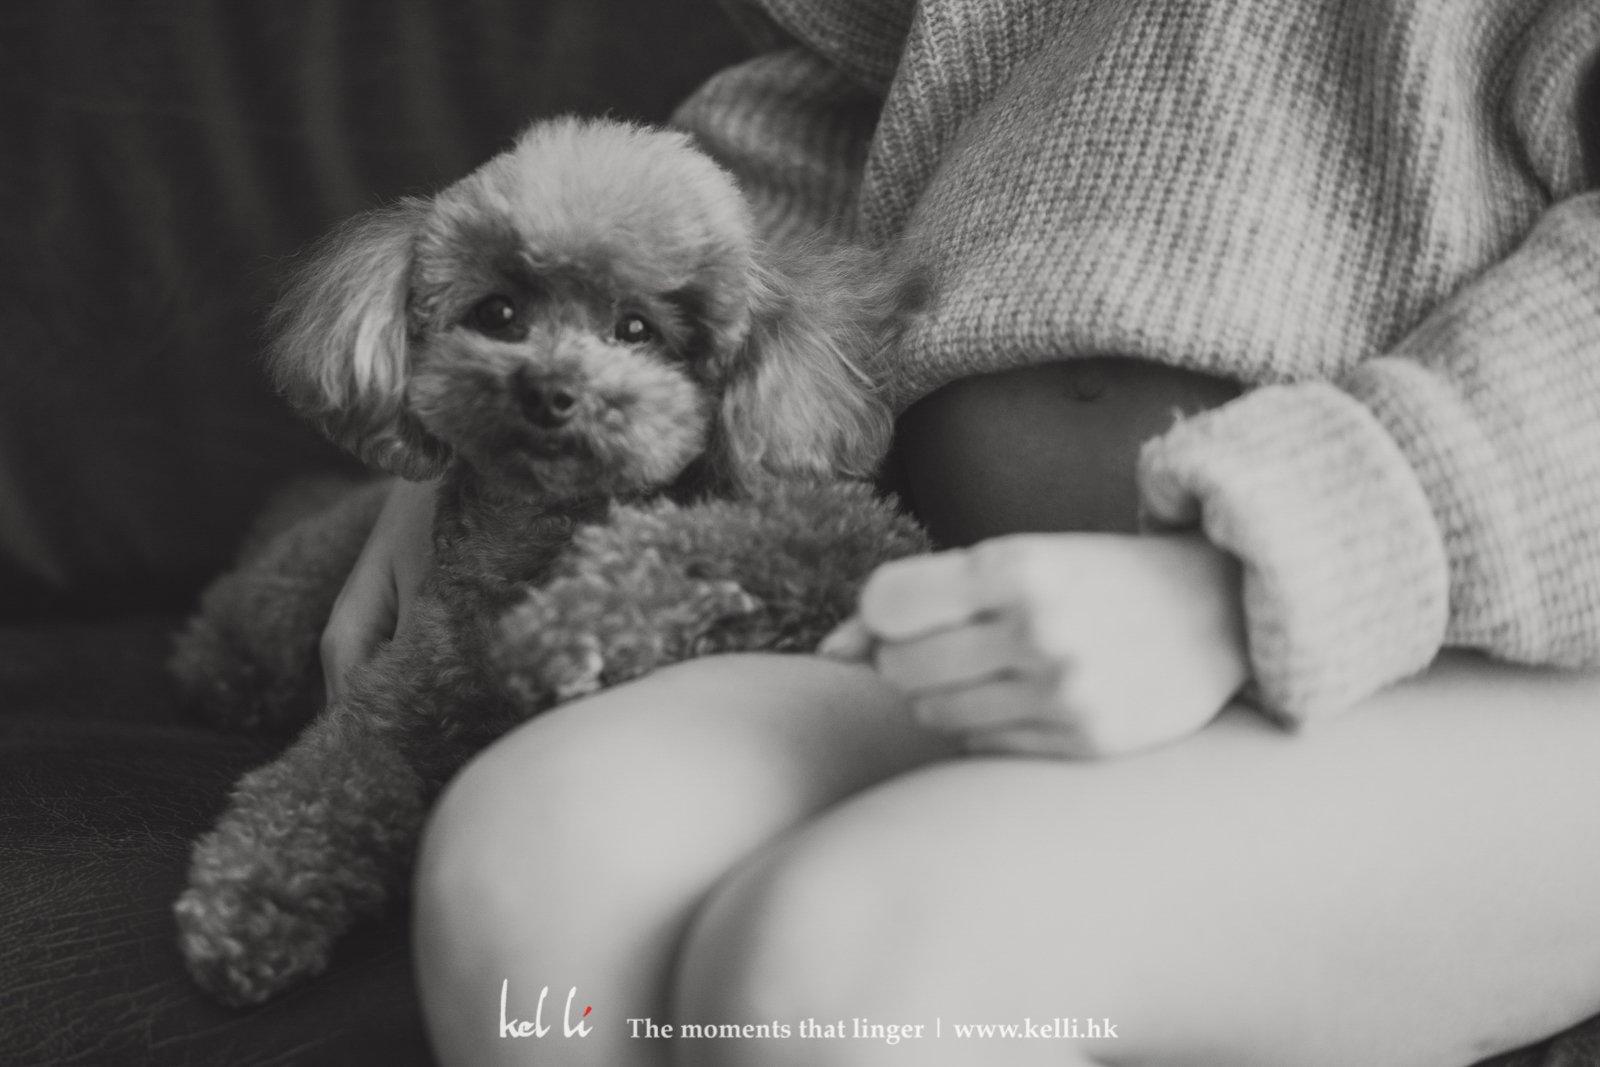 小狗無辜的表情超萌的